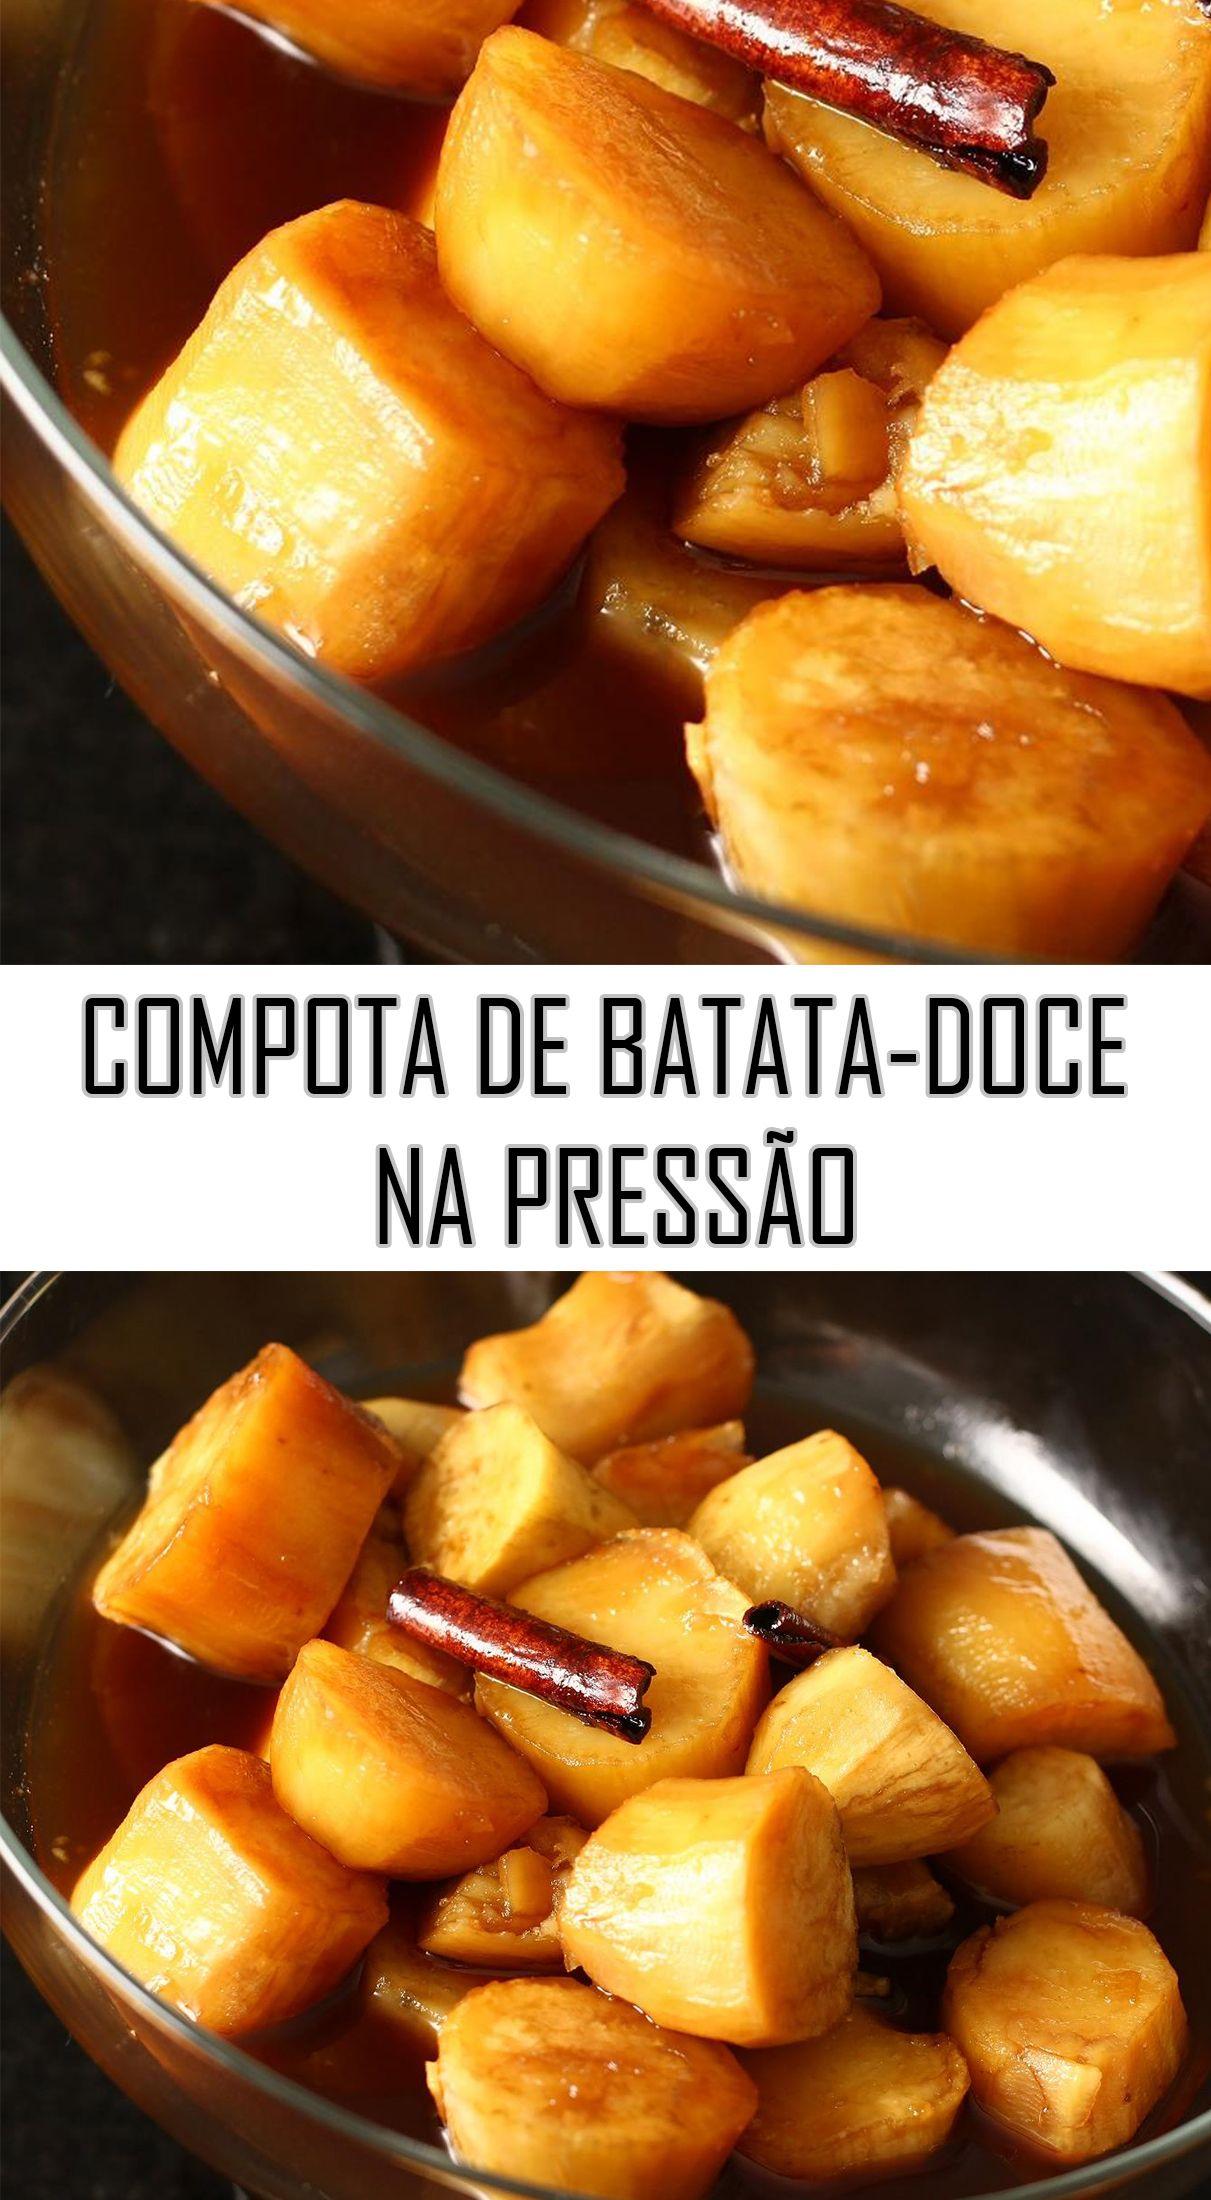 Compota De Batata Doce Na Pressao Receita Receitas Batata